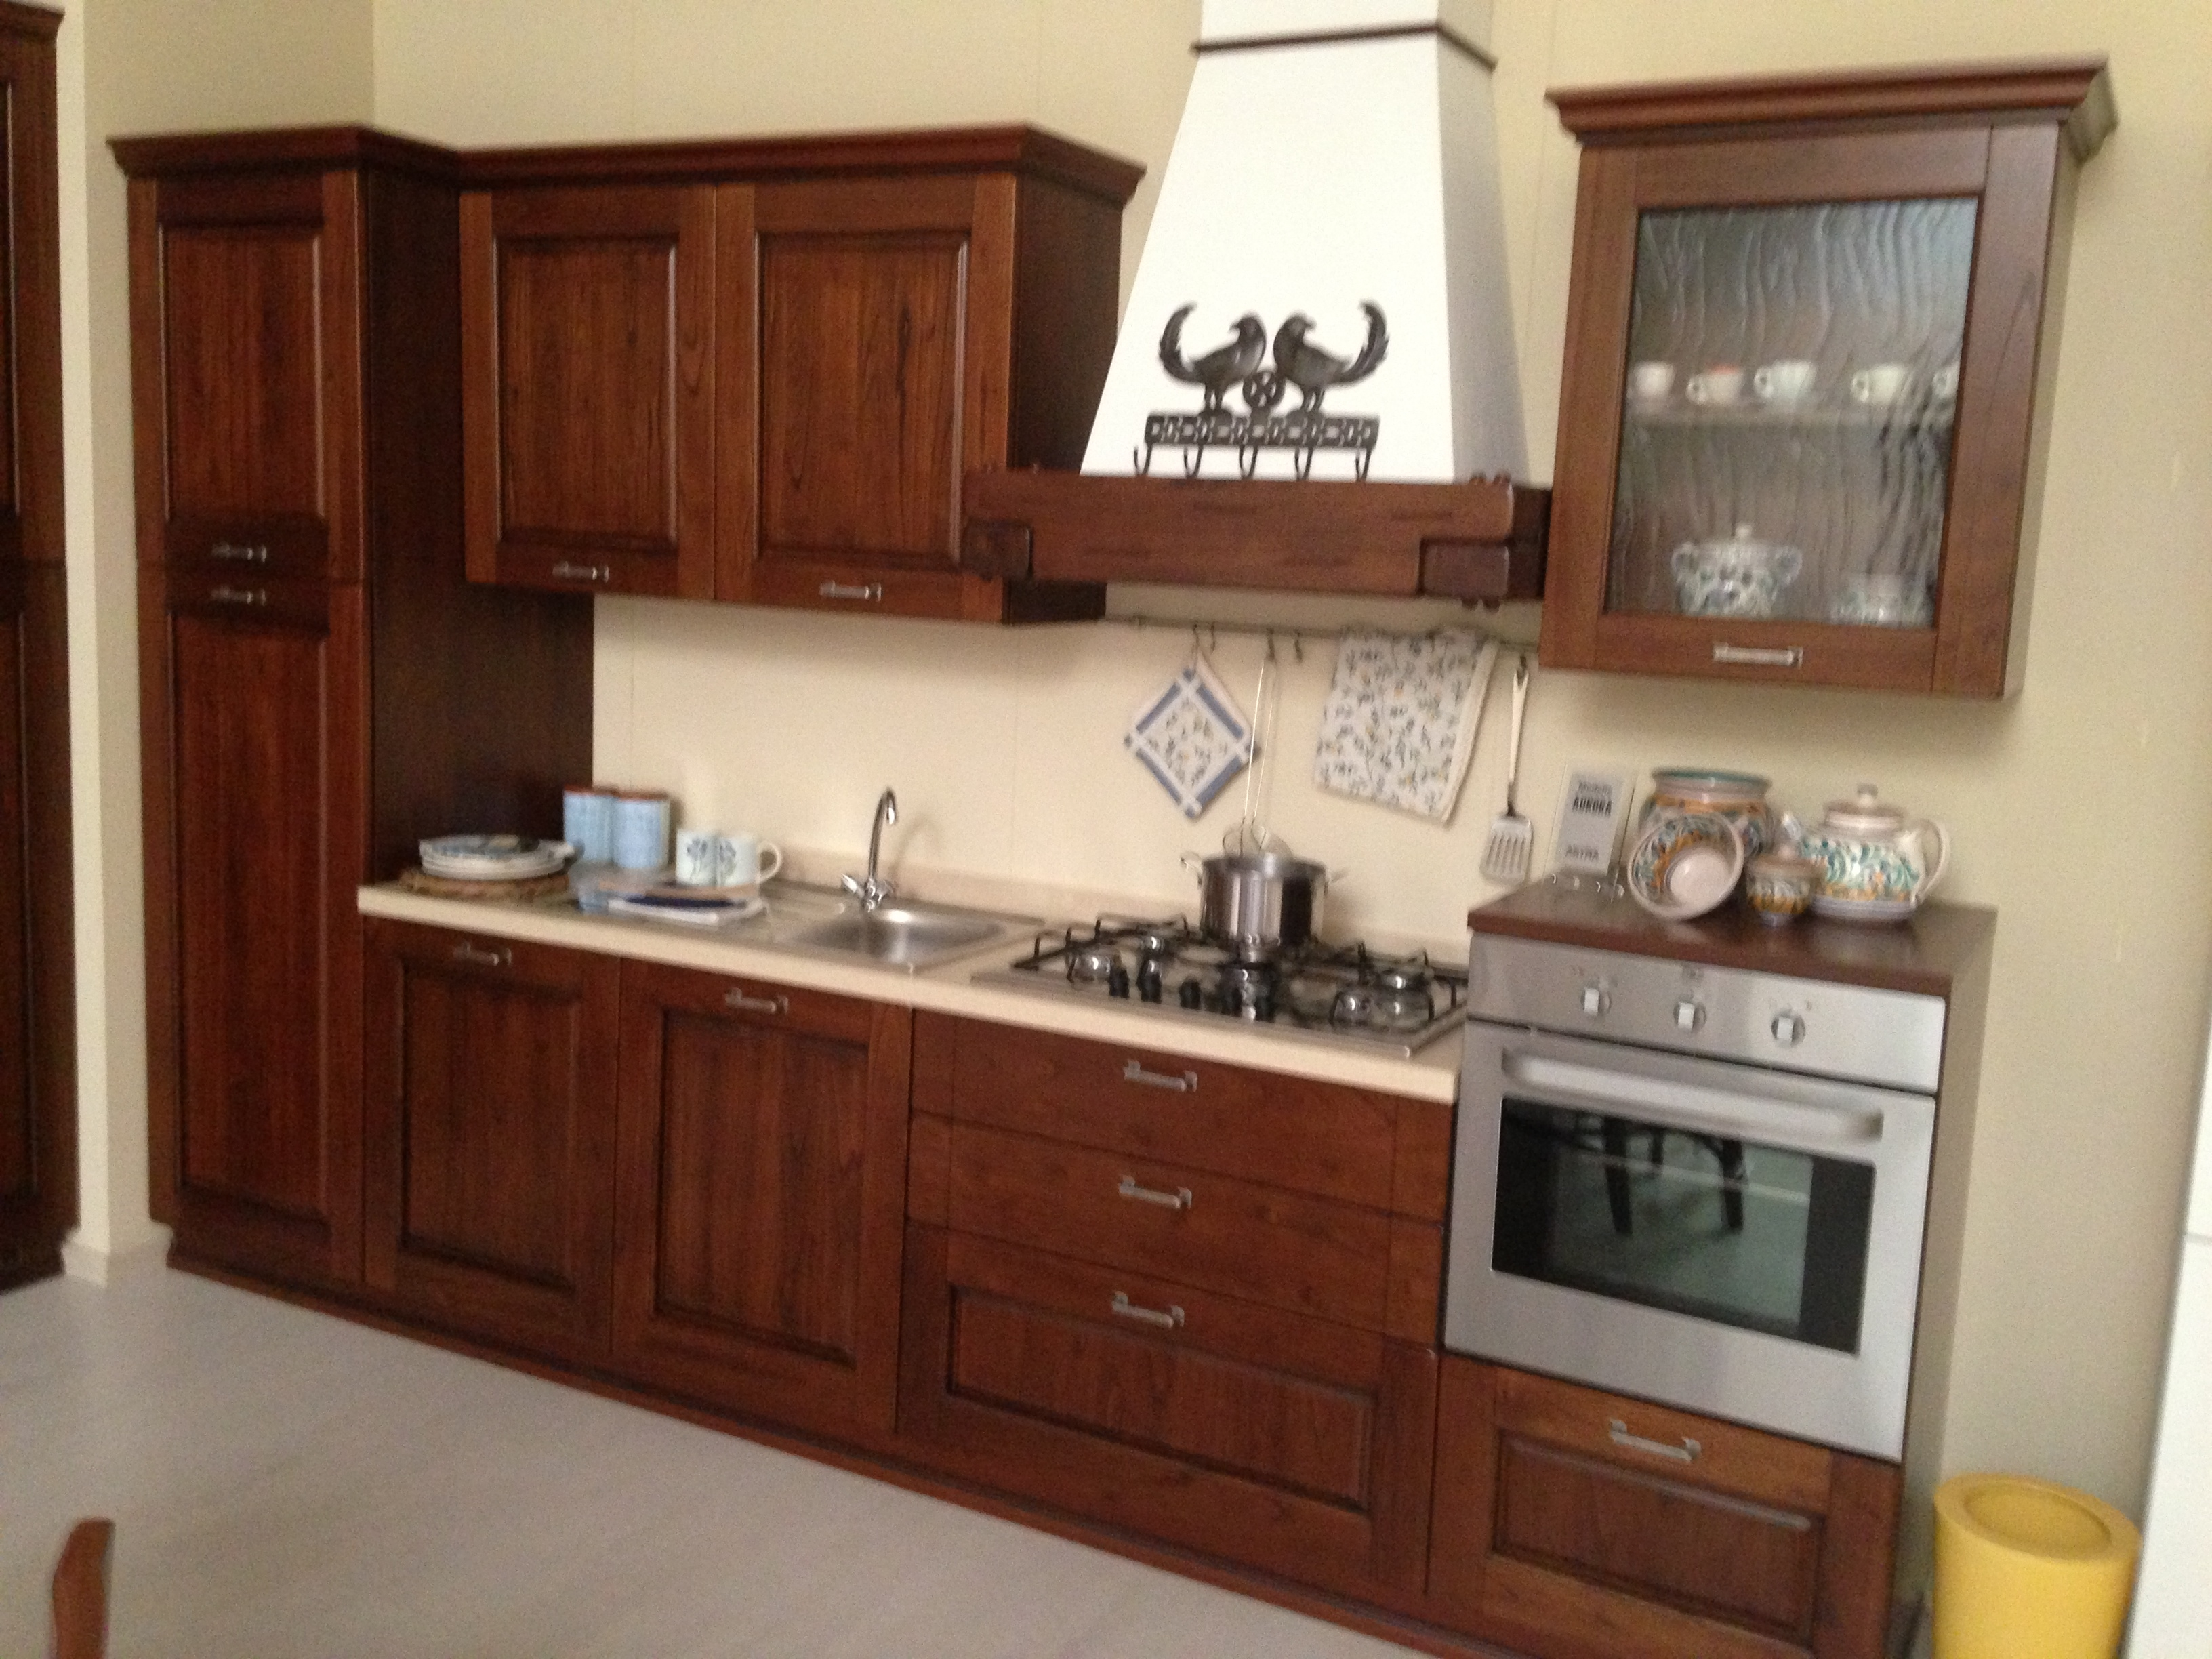 Cucina classica cm330 cucine a prezzi scontati - Colori pareti cucina ...